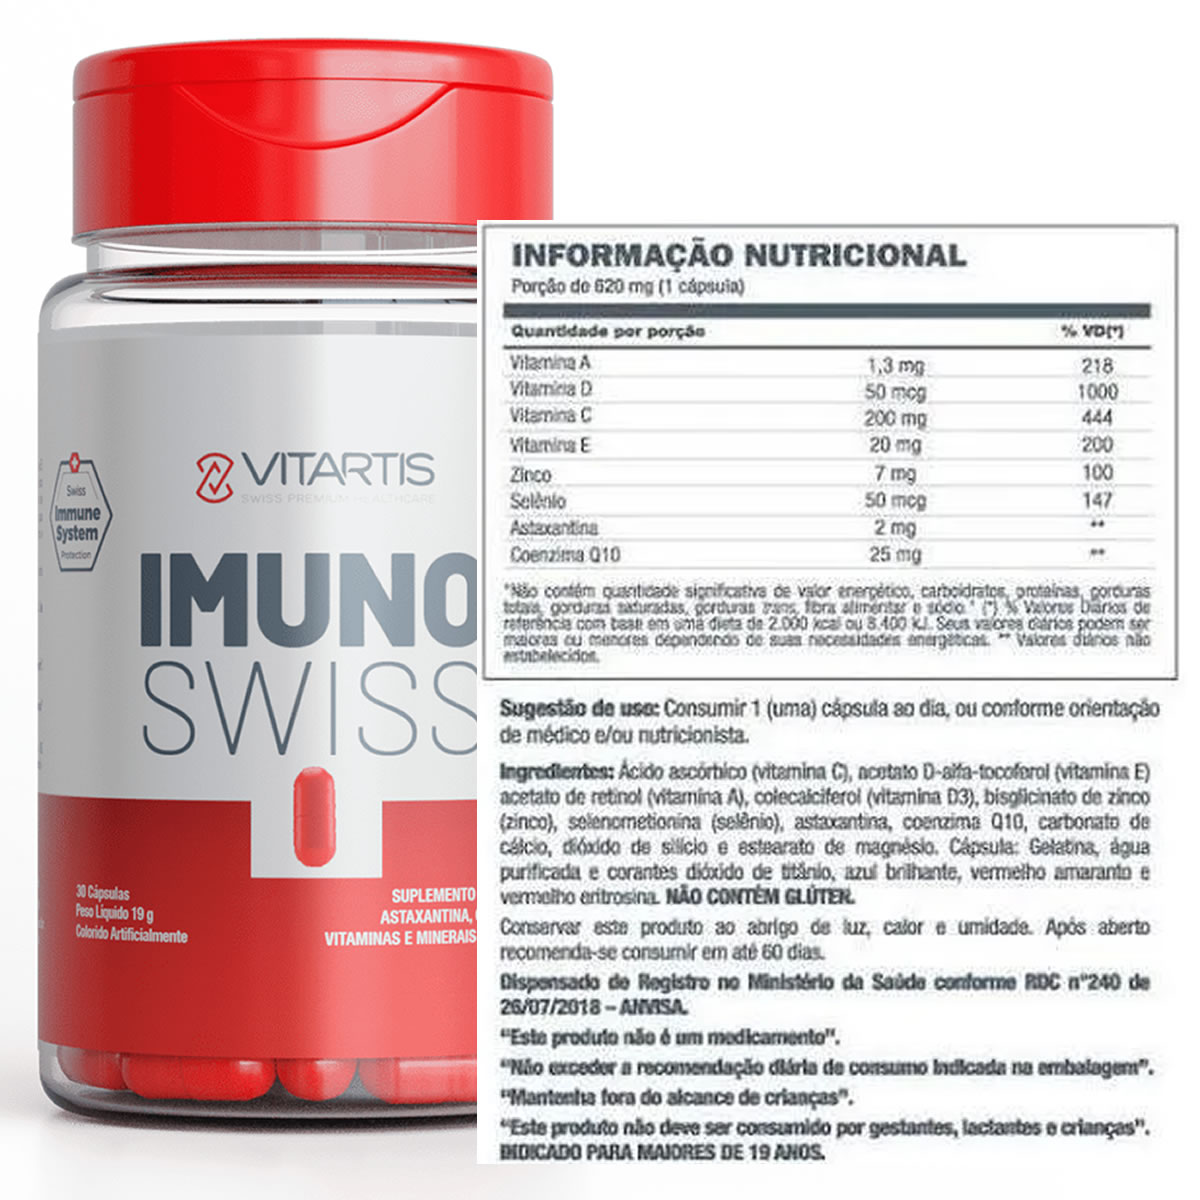 Imuno Swiss 60 Cáps - Vitartis